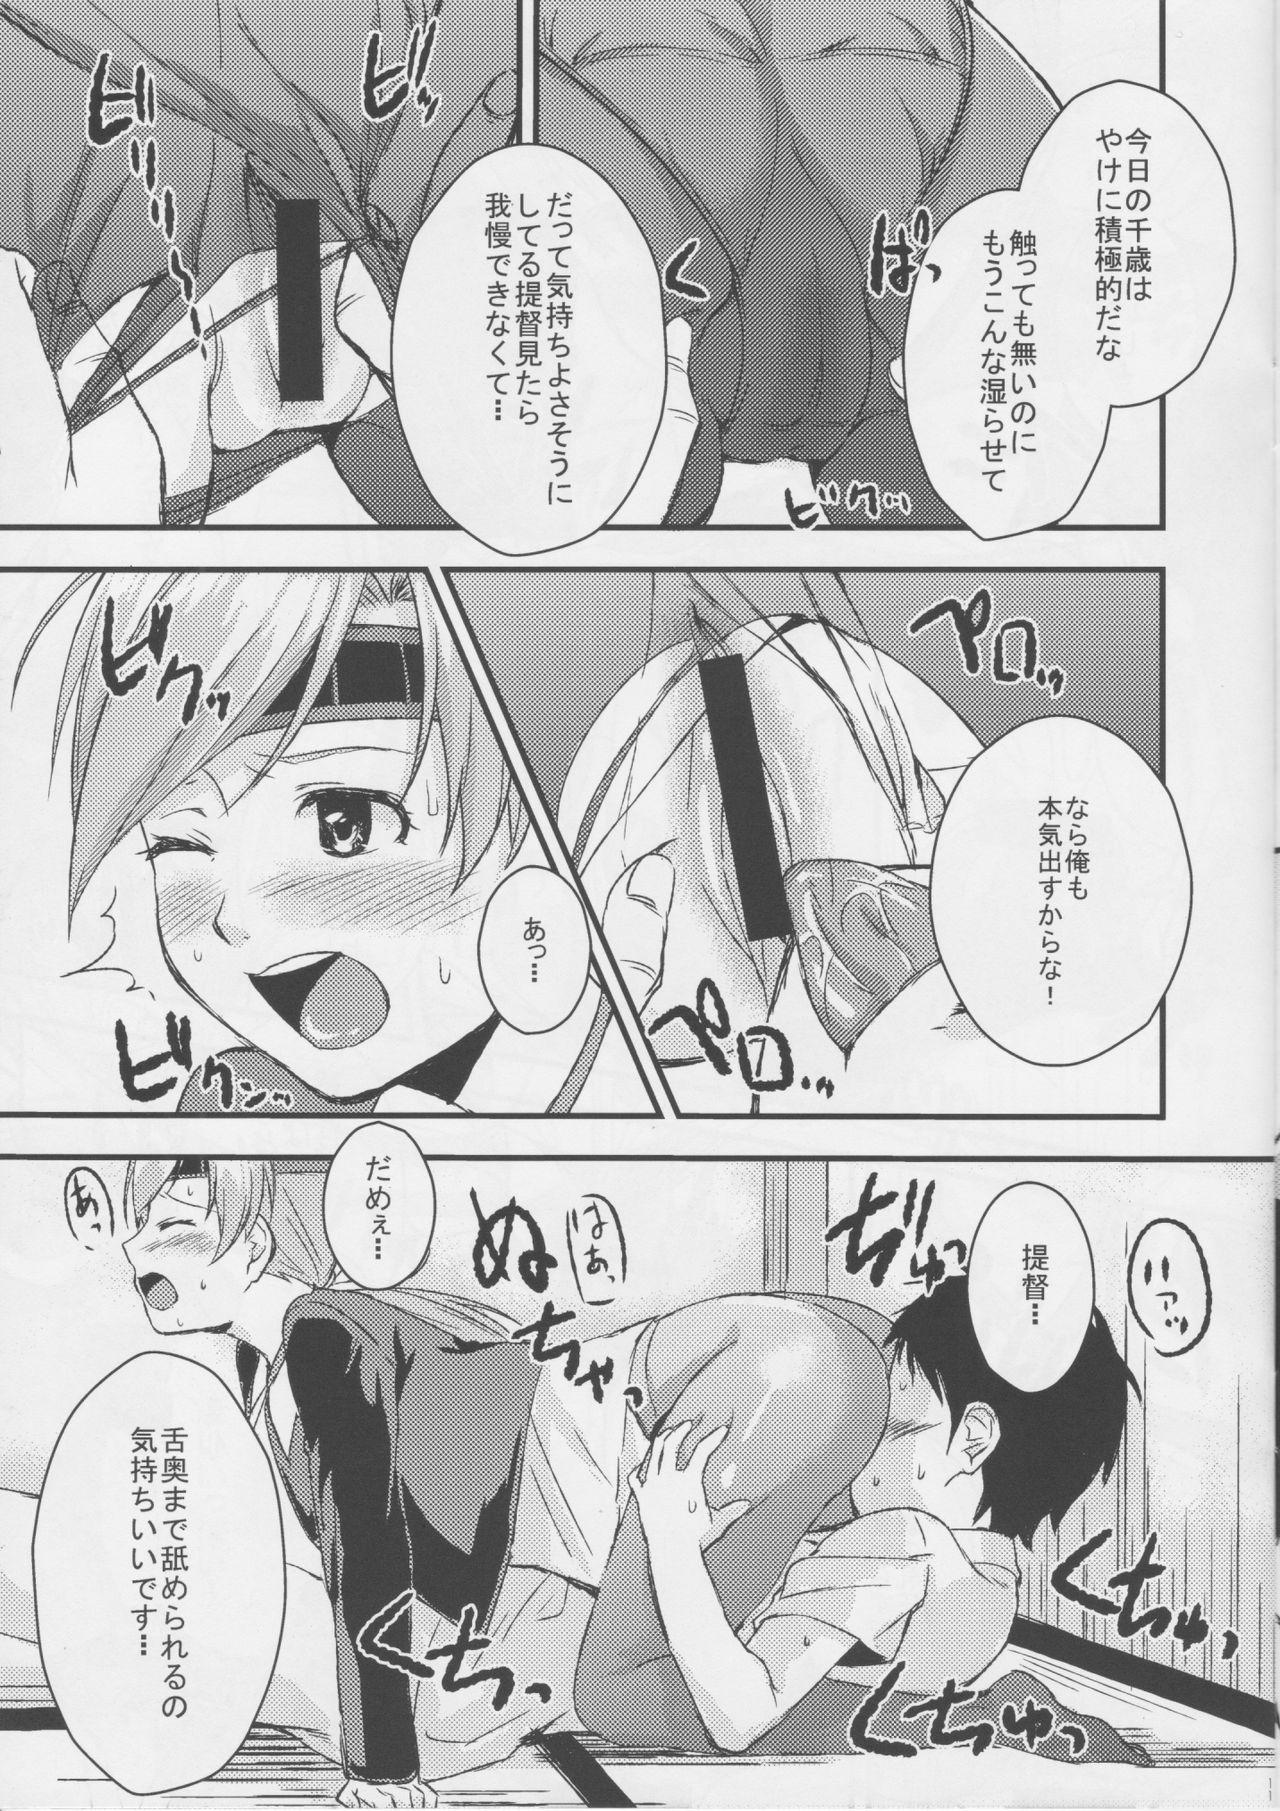 Chitose to Yasen 10